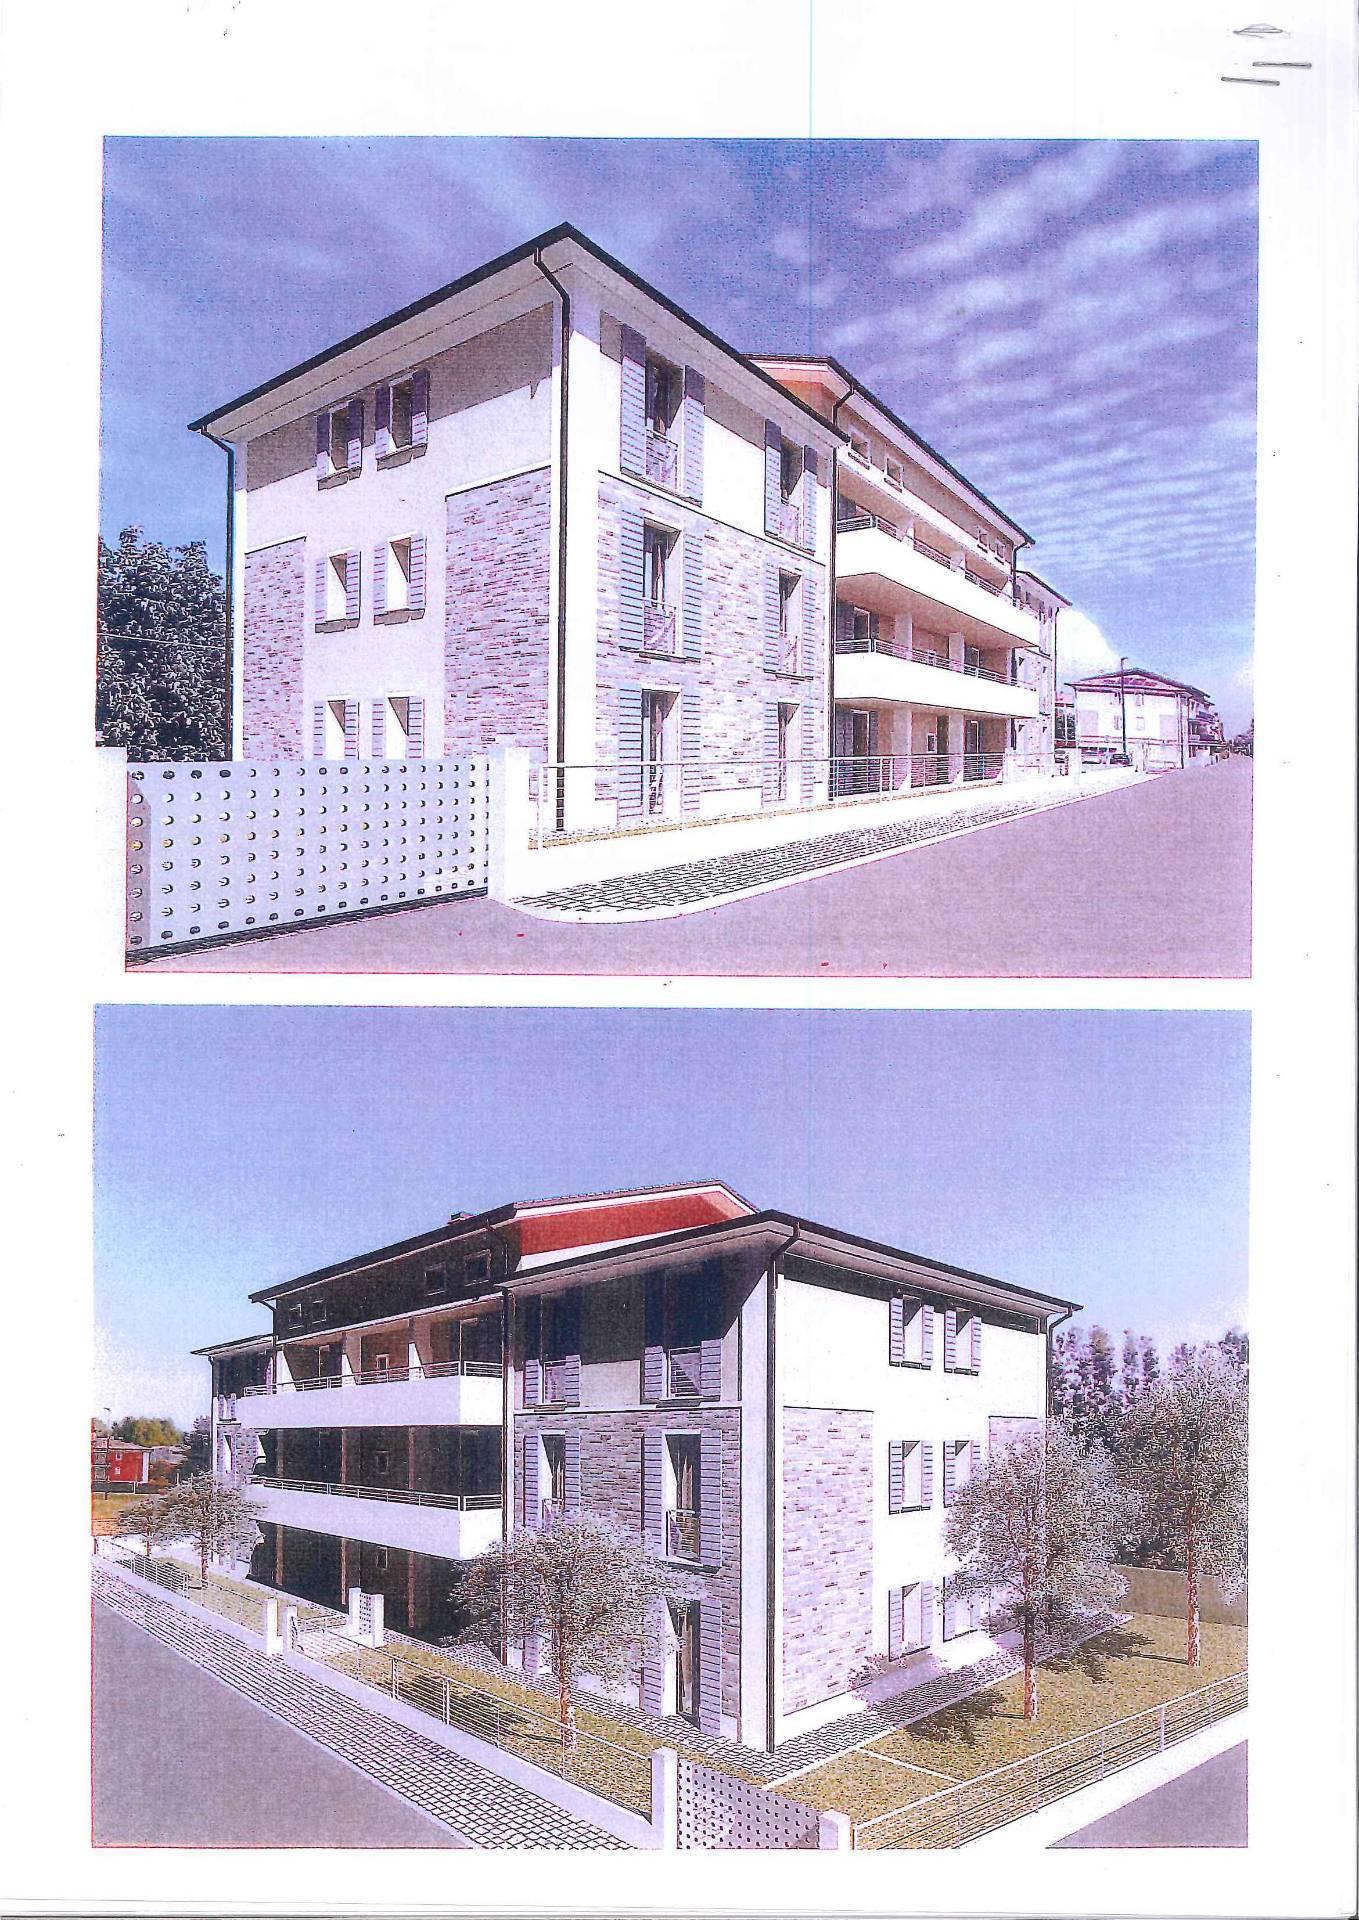 Appartamento in vendita a Maranello, 3 locali, prezzo € 281.000 | CambioCasa.it